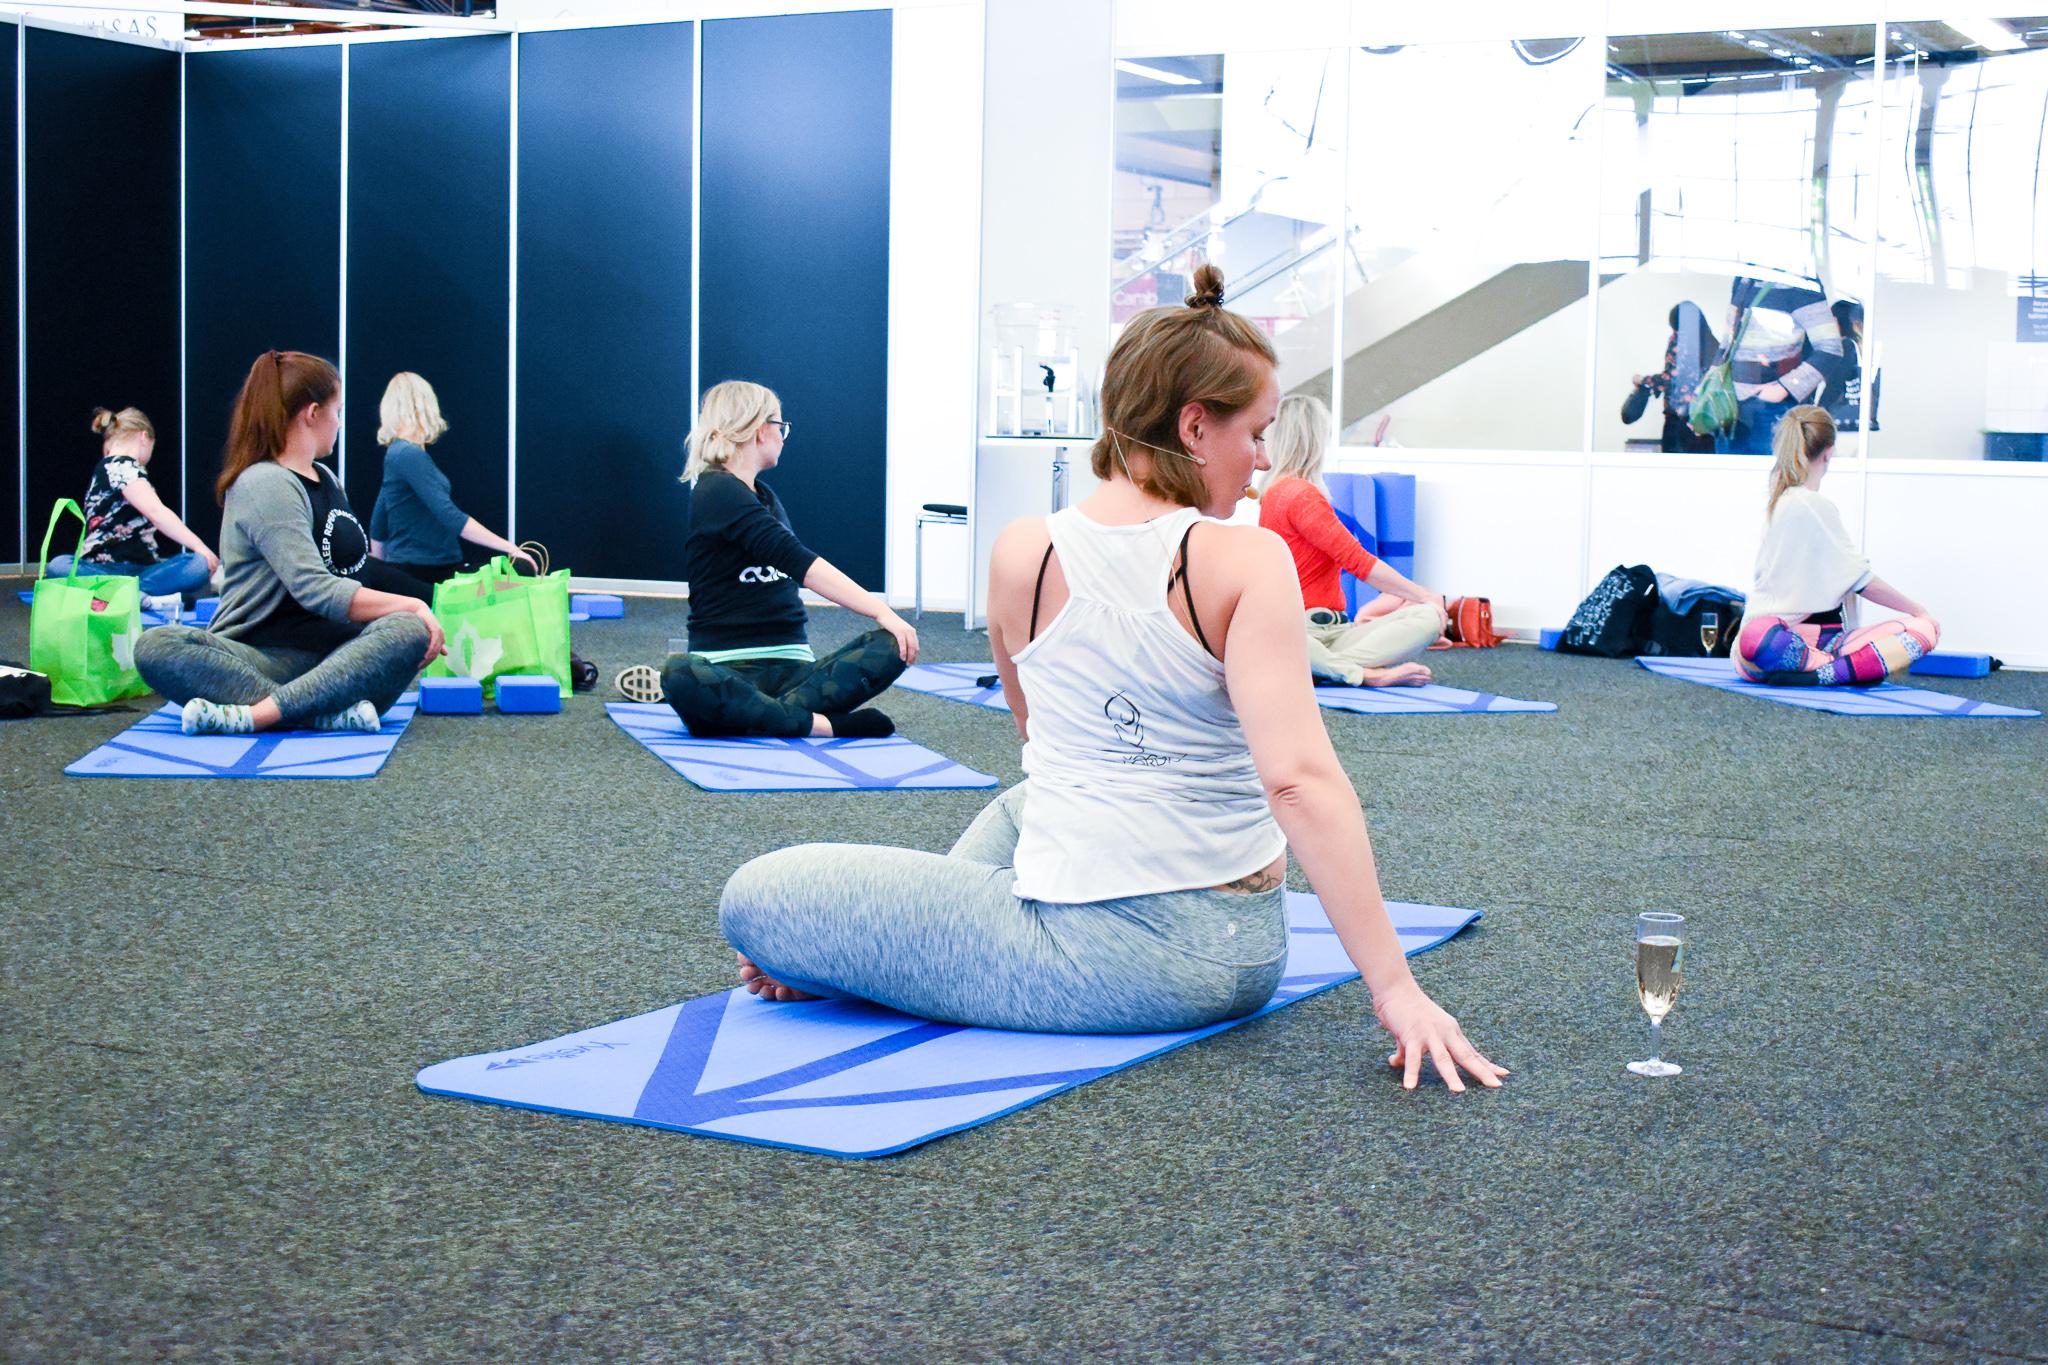 skumppajooga-yoga-nordic-veera-nguyen